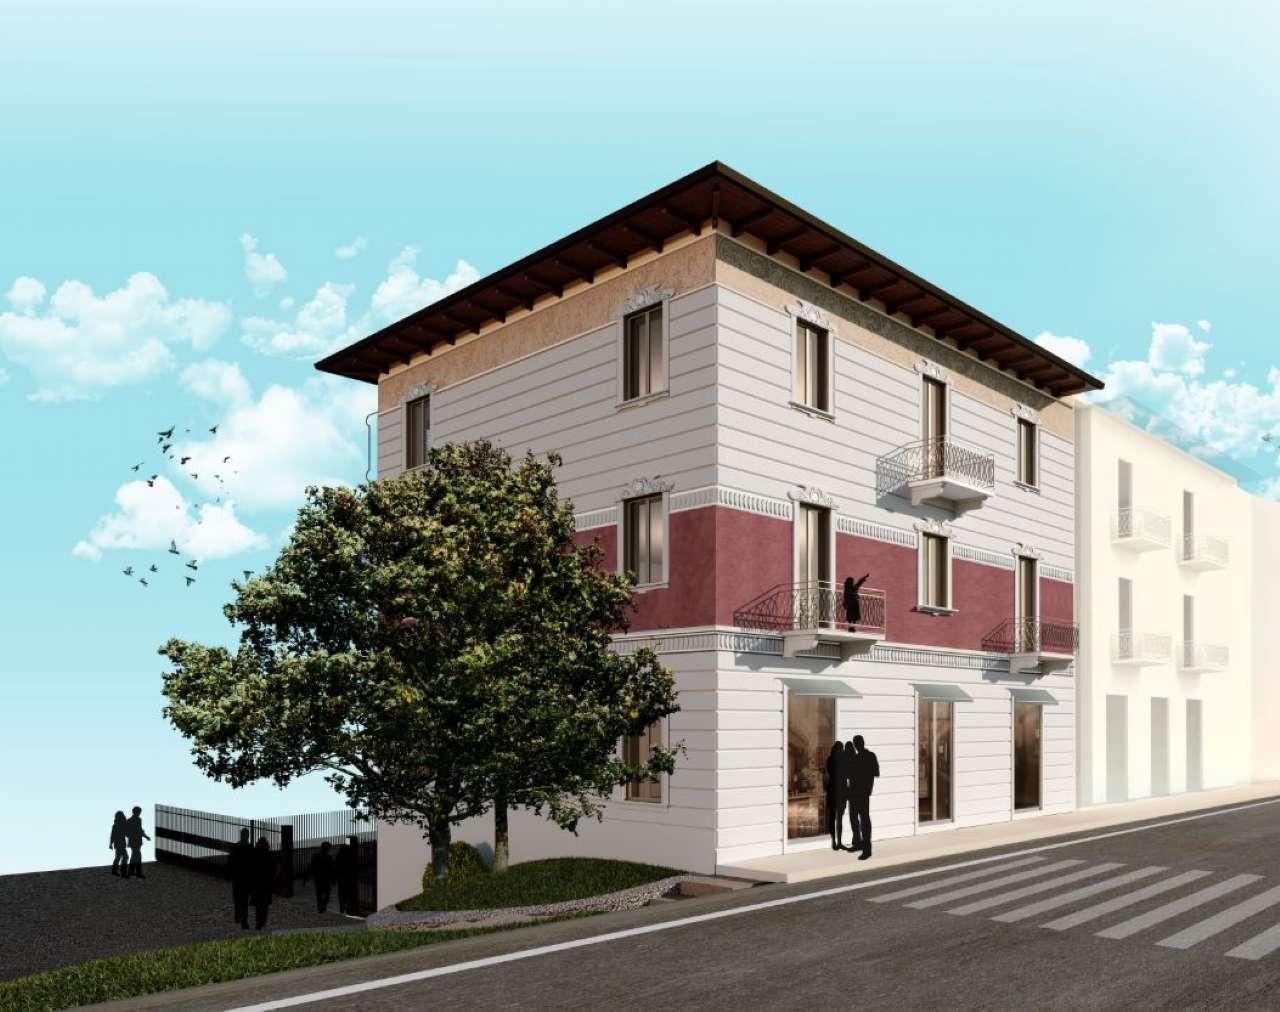 Negozio / Locale in affitto a Ciriè, 2 locali, prezzo € 350   PortaleAgenzieImmobiliari.it